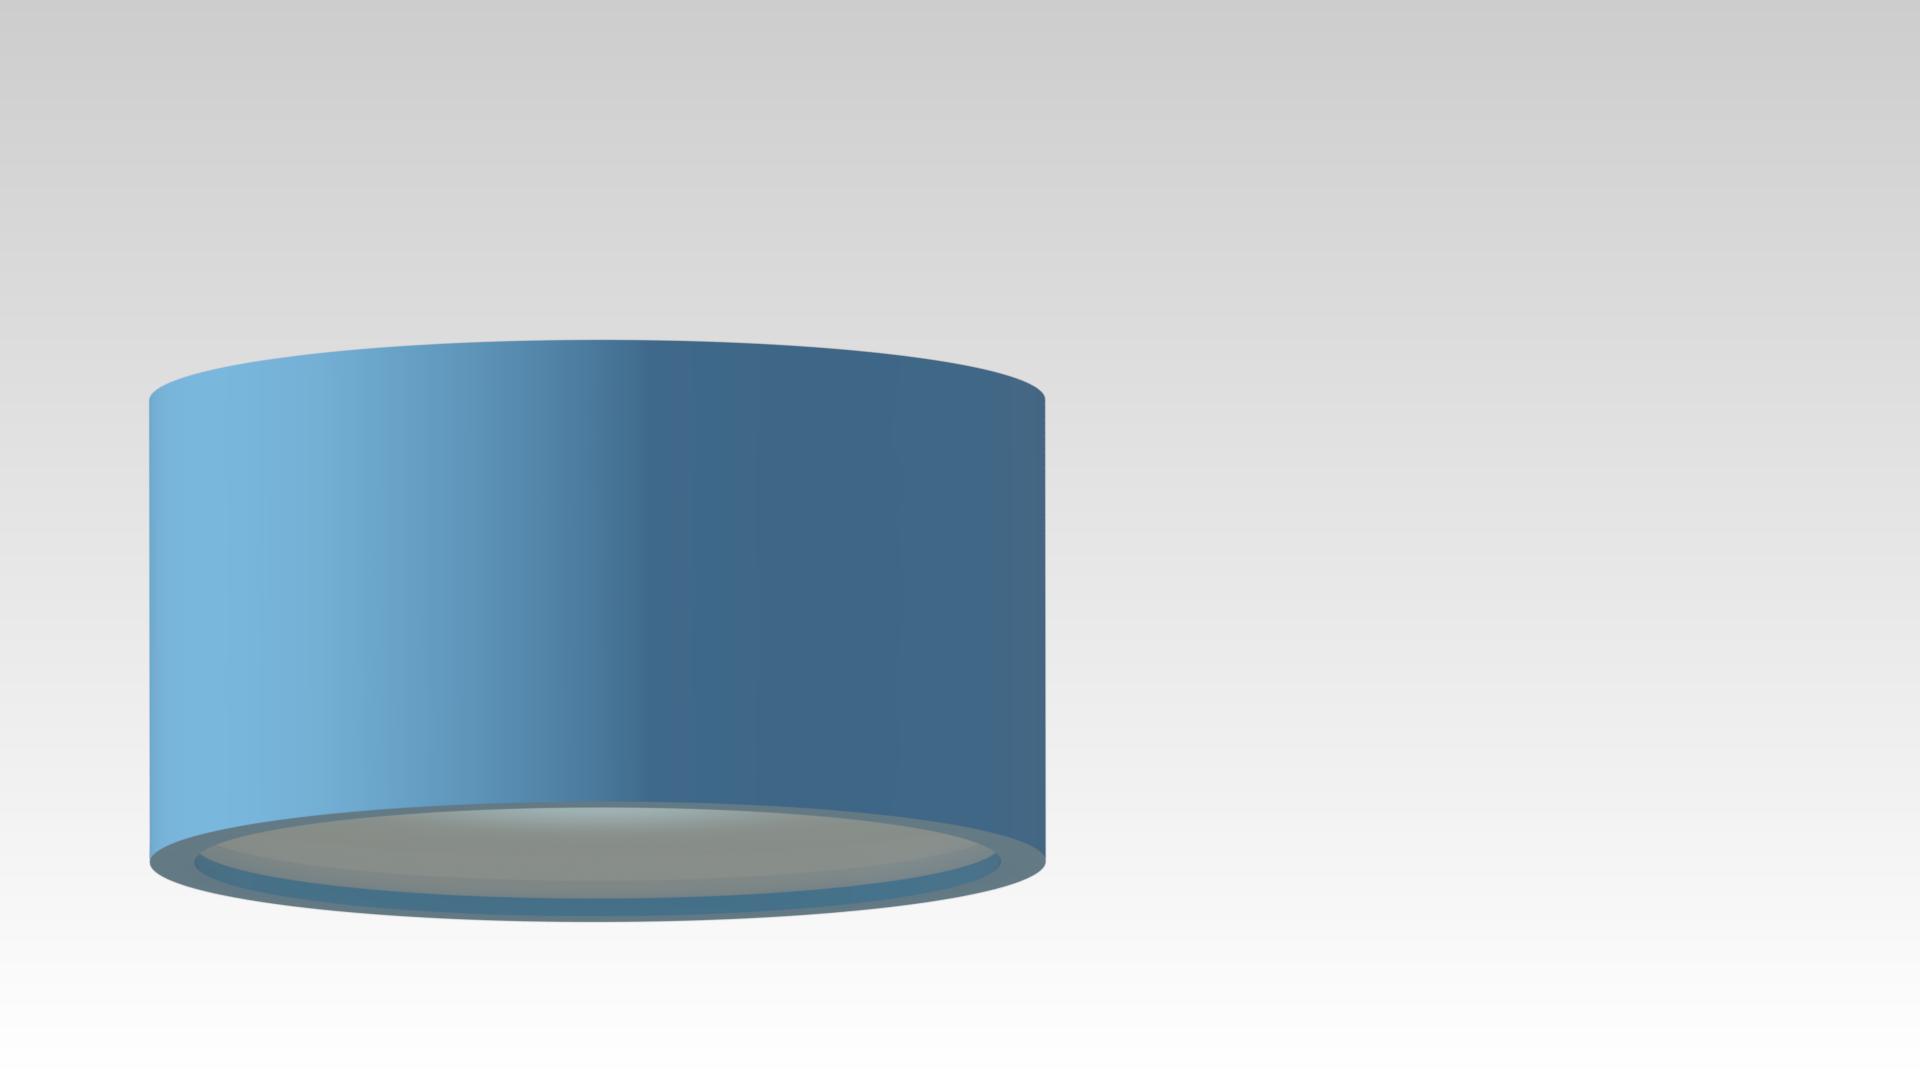 светильник потолочный накладной круглый голубой синий